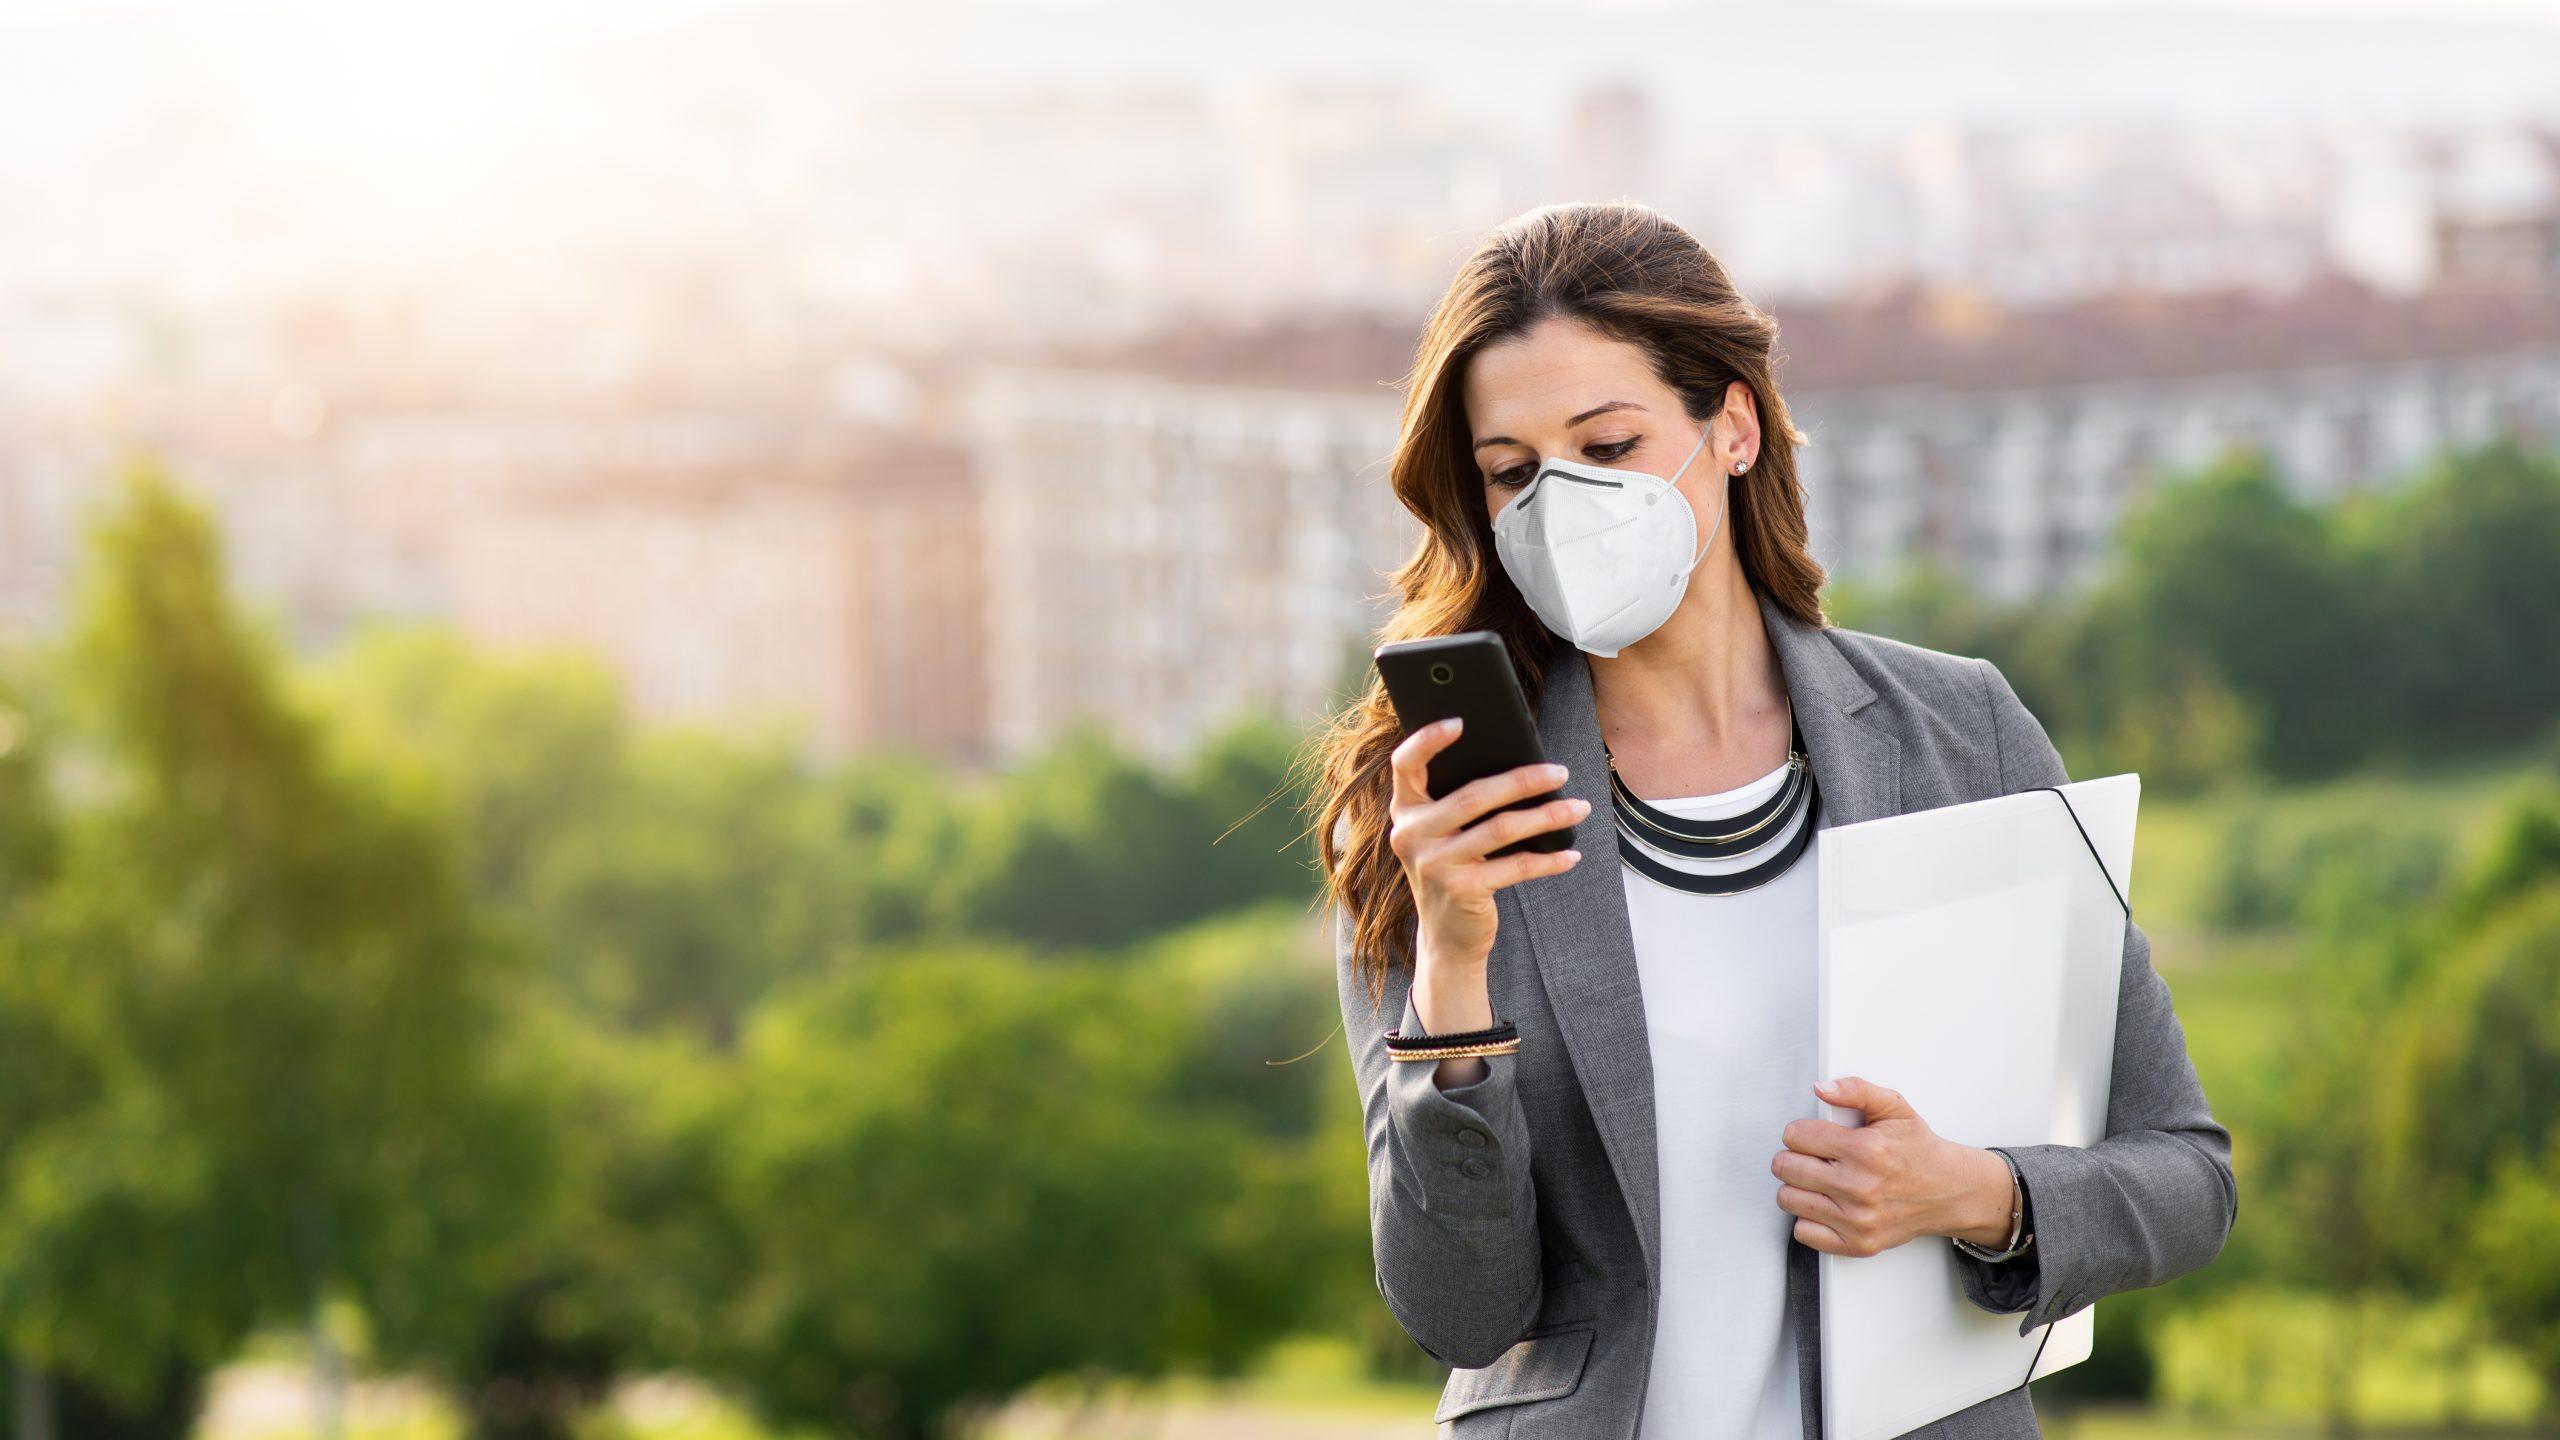 Junge Geschäftsfrau mit FFP2-Maske